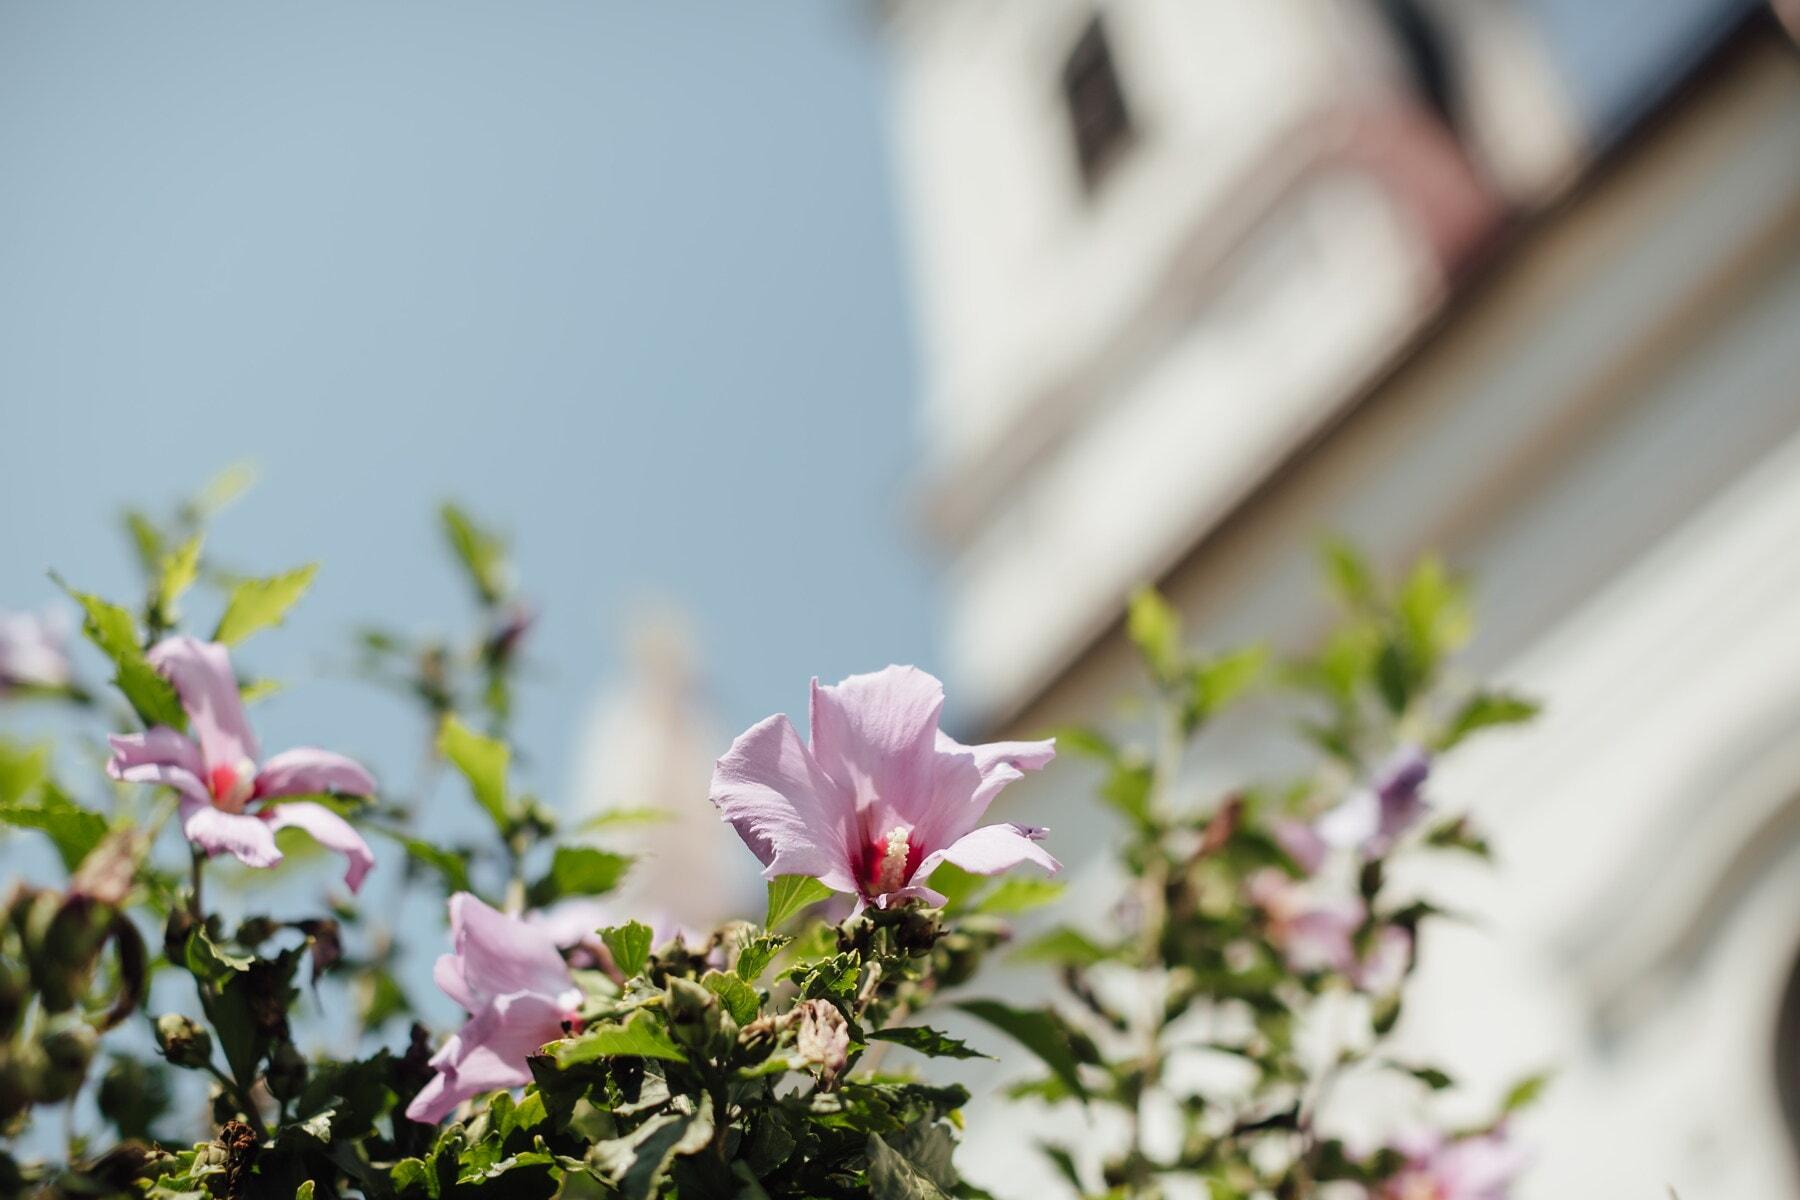 shrub, magnolia, flower, nature, blossom, leaf, garden, flowers, petal, plant